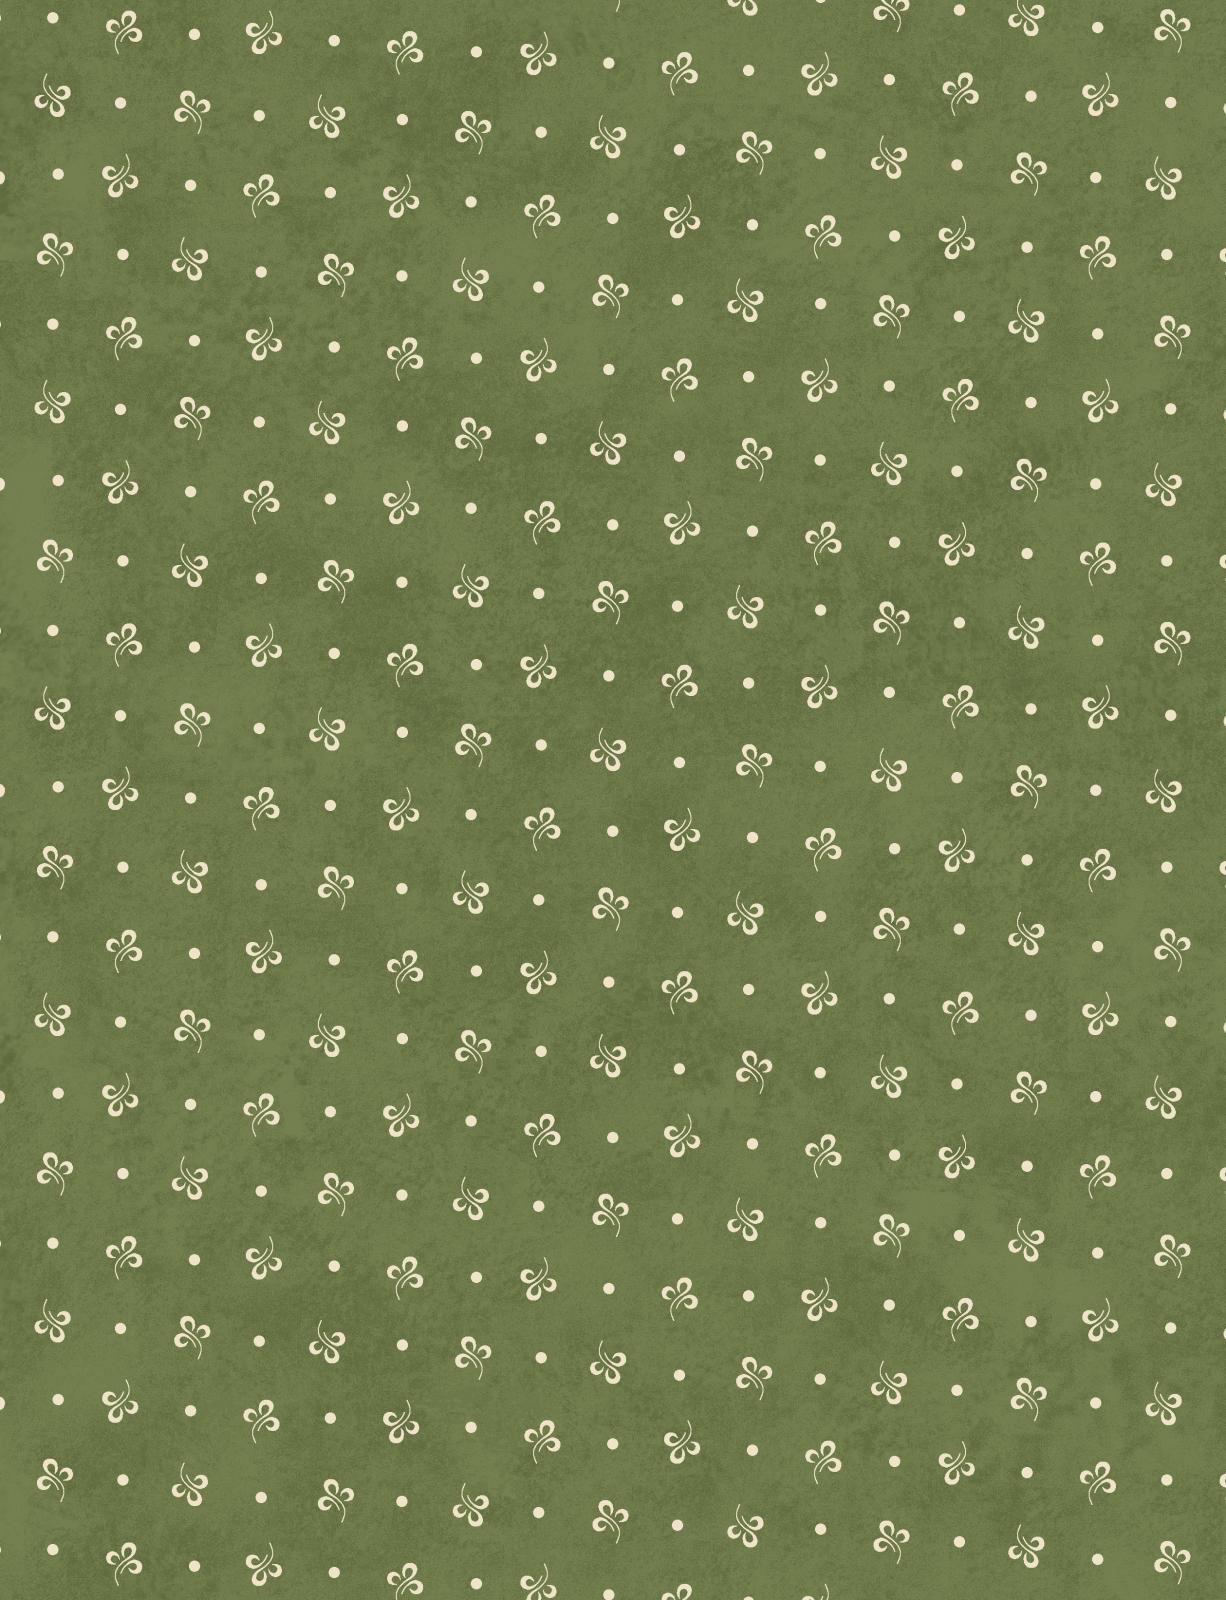 Garden Getaway Fabric 9 (0906 0152)